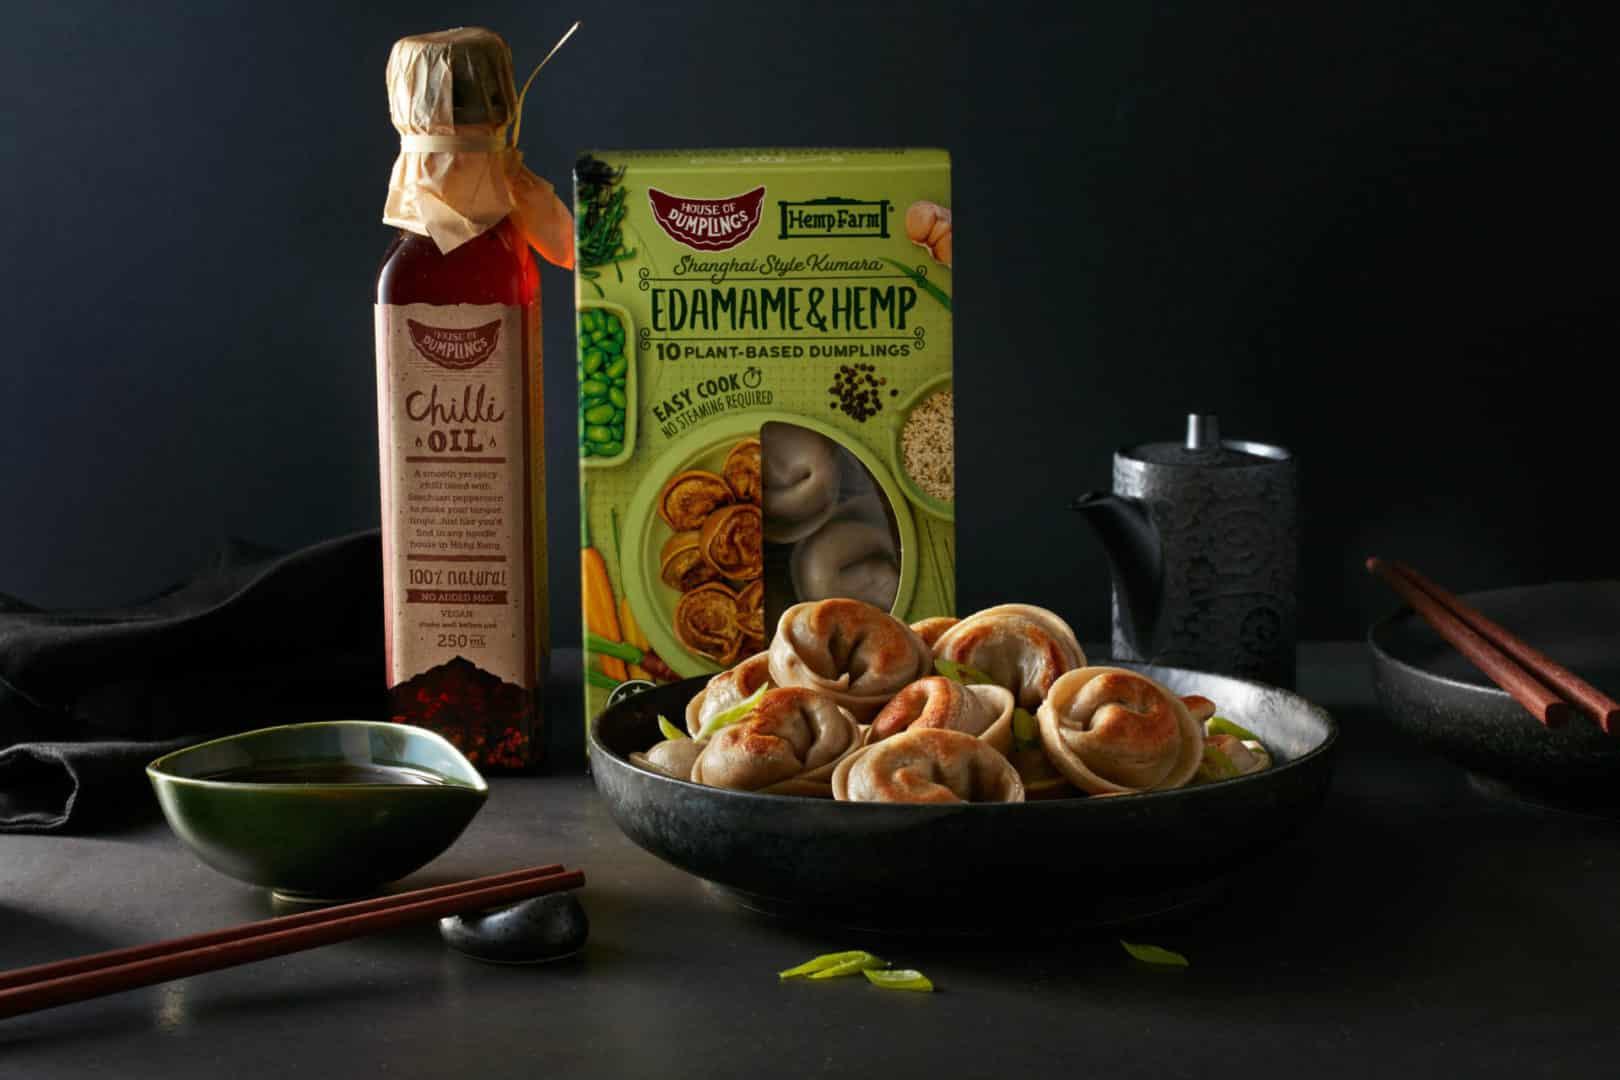 Edamame & Hemp vegan dumpling